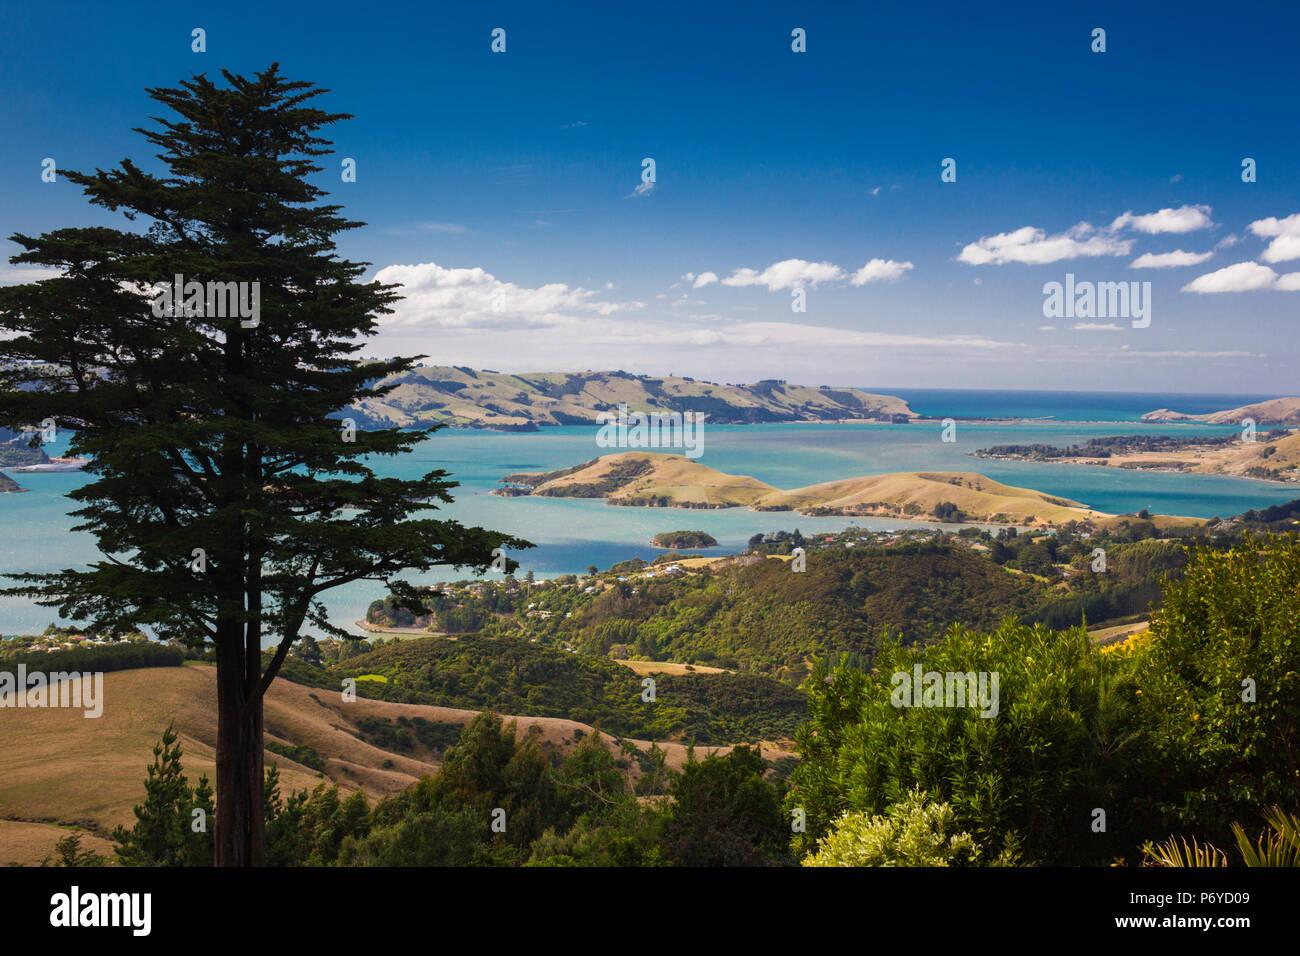 Nueva Zelanda, Otago, Isla del Sur, la Península de Otago, paisaje peninsular Foto de stock